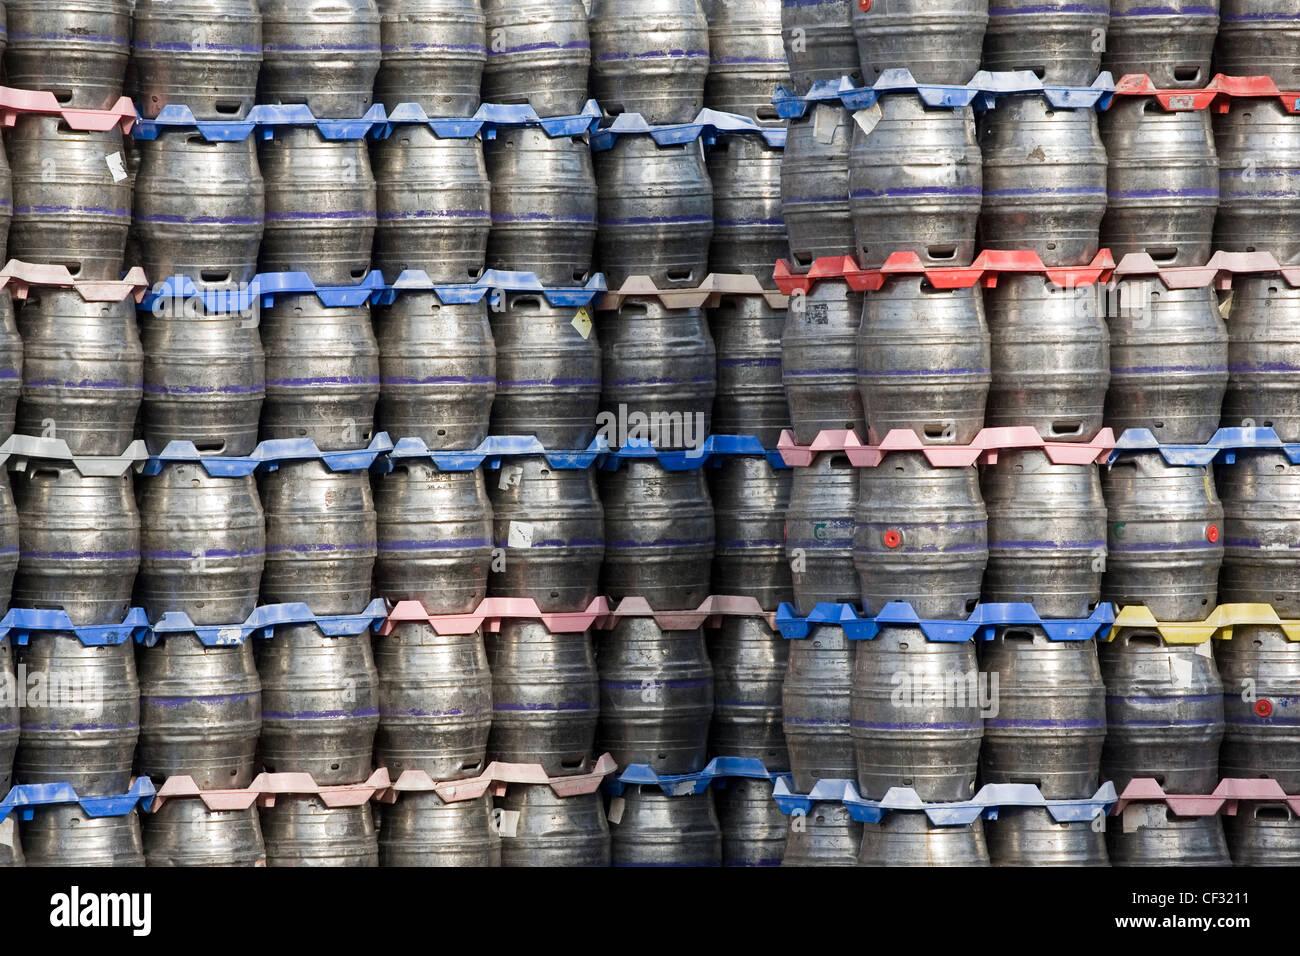 Beer kegs stacked at the Carlsberg Tetley brewery in Leeds. - Stock Image